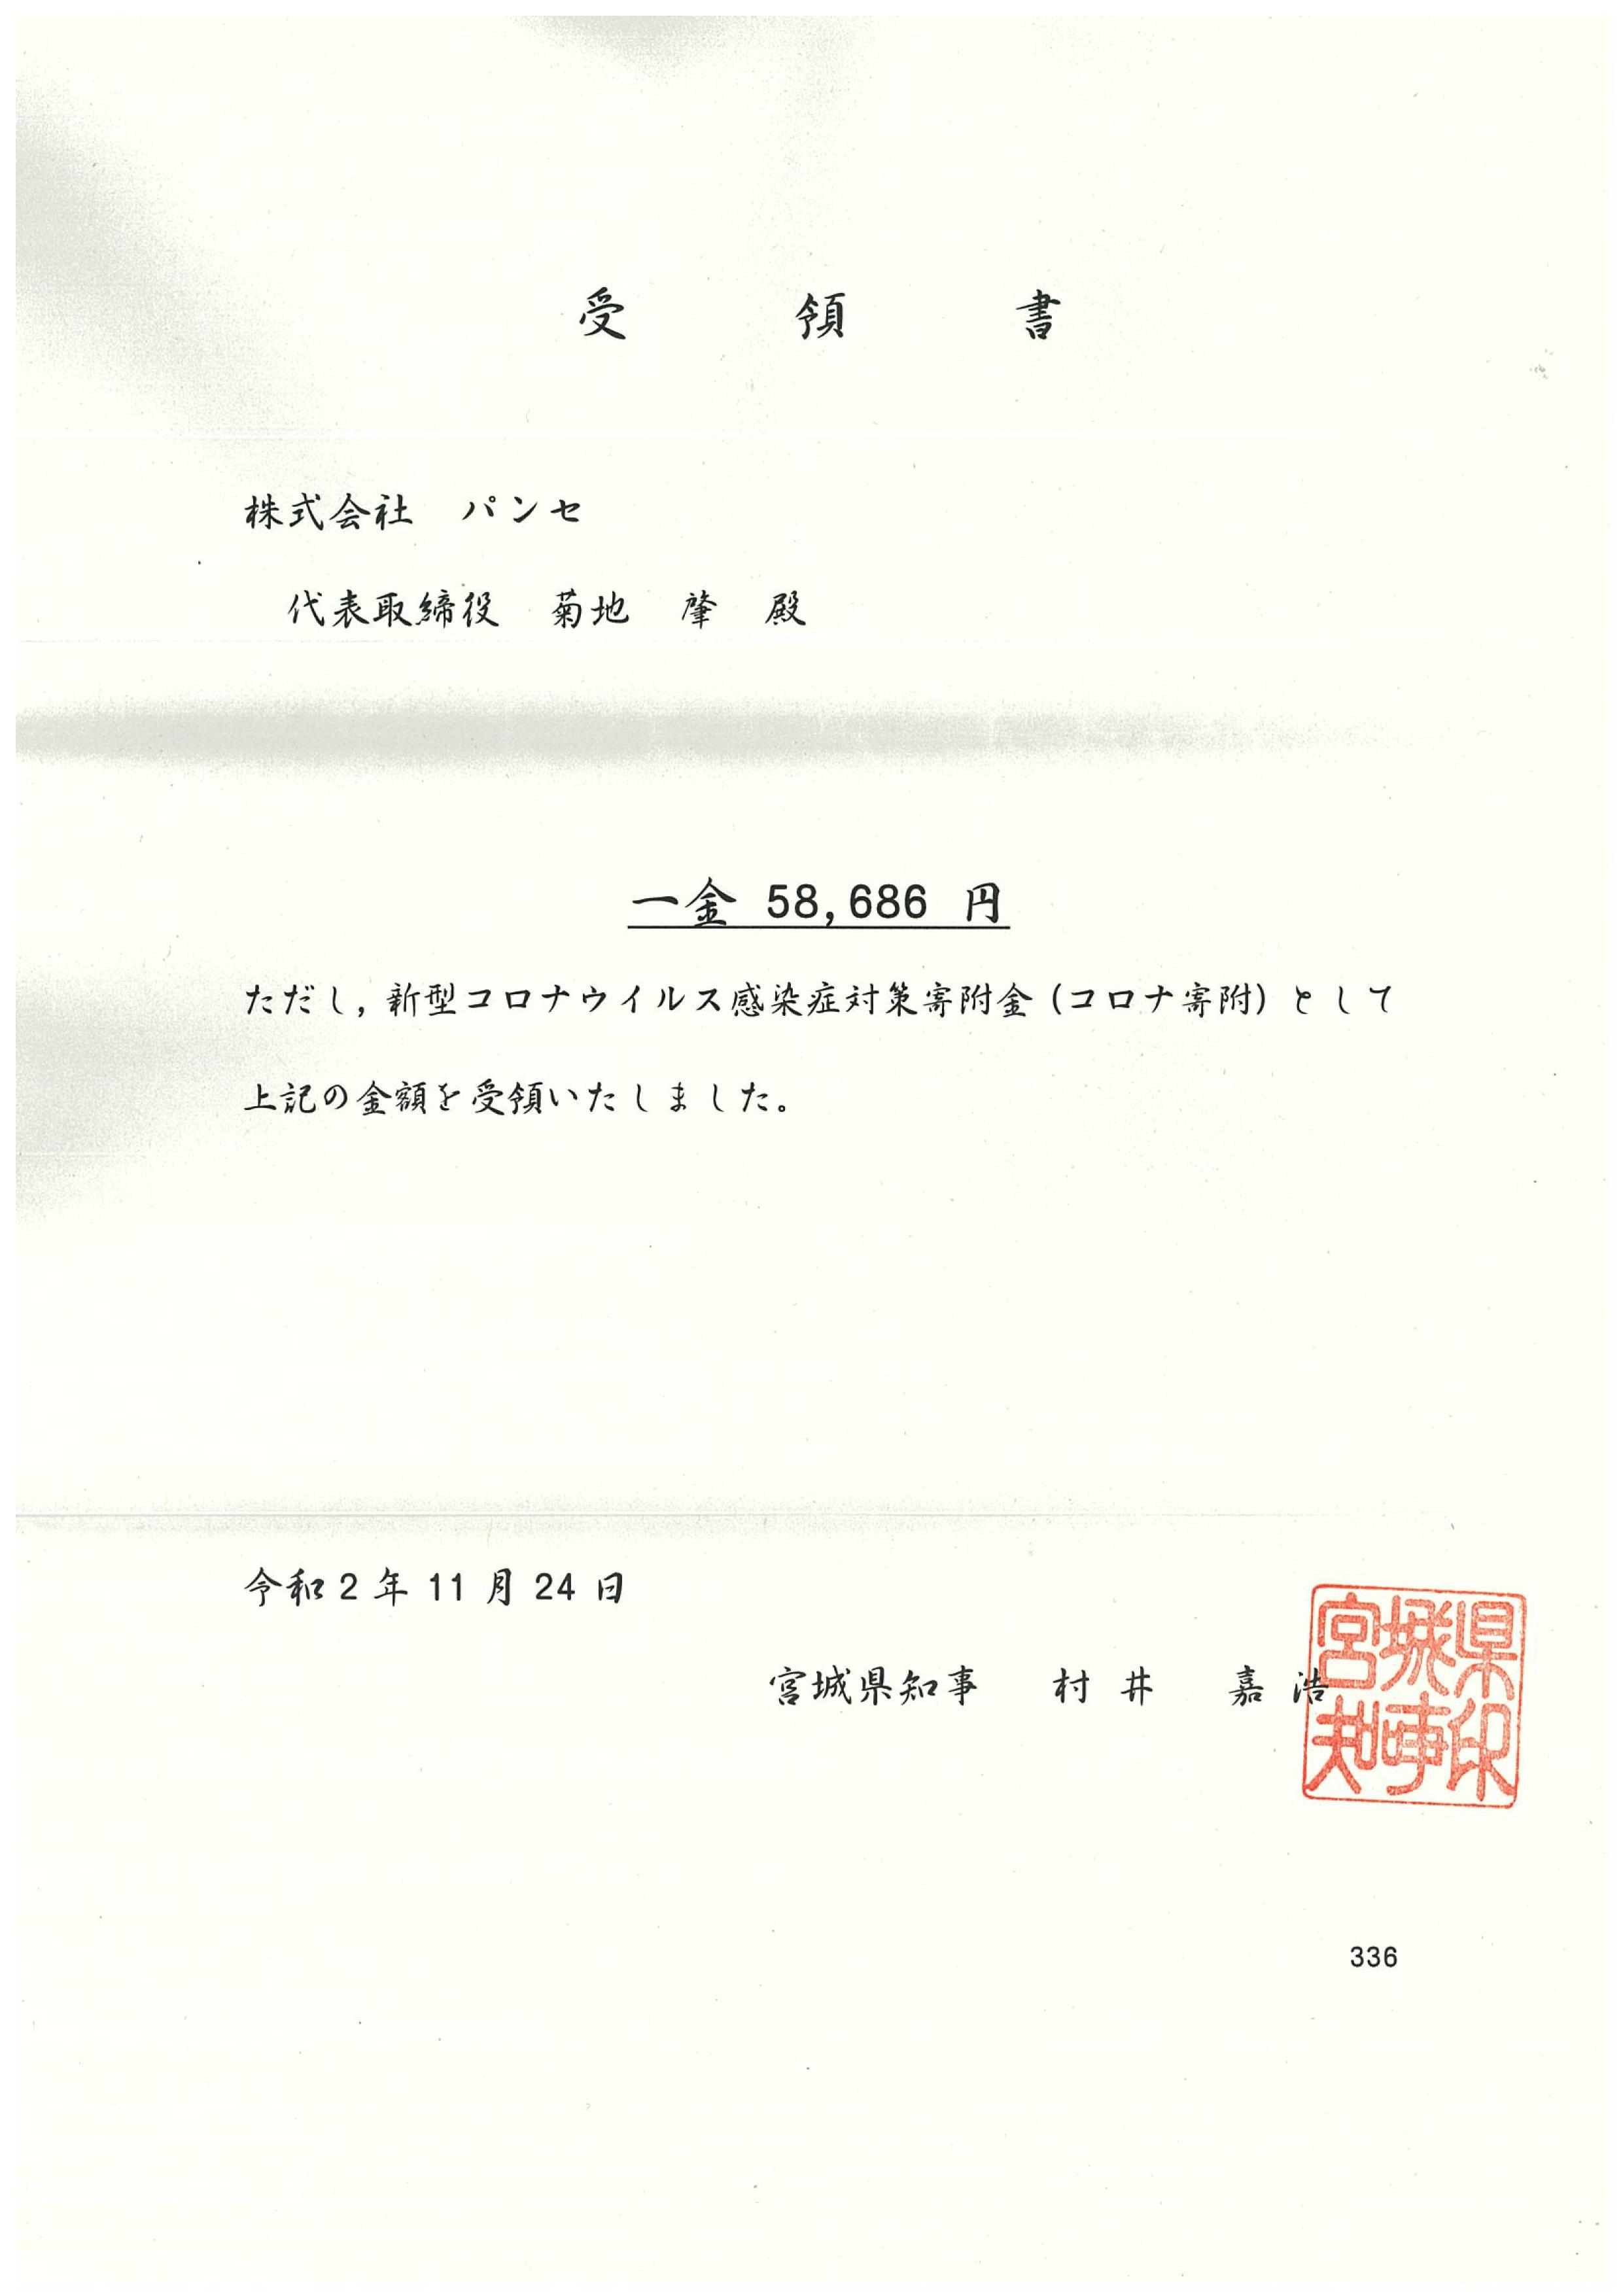 県 最新 宮城 コロナ